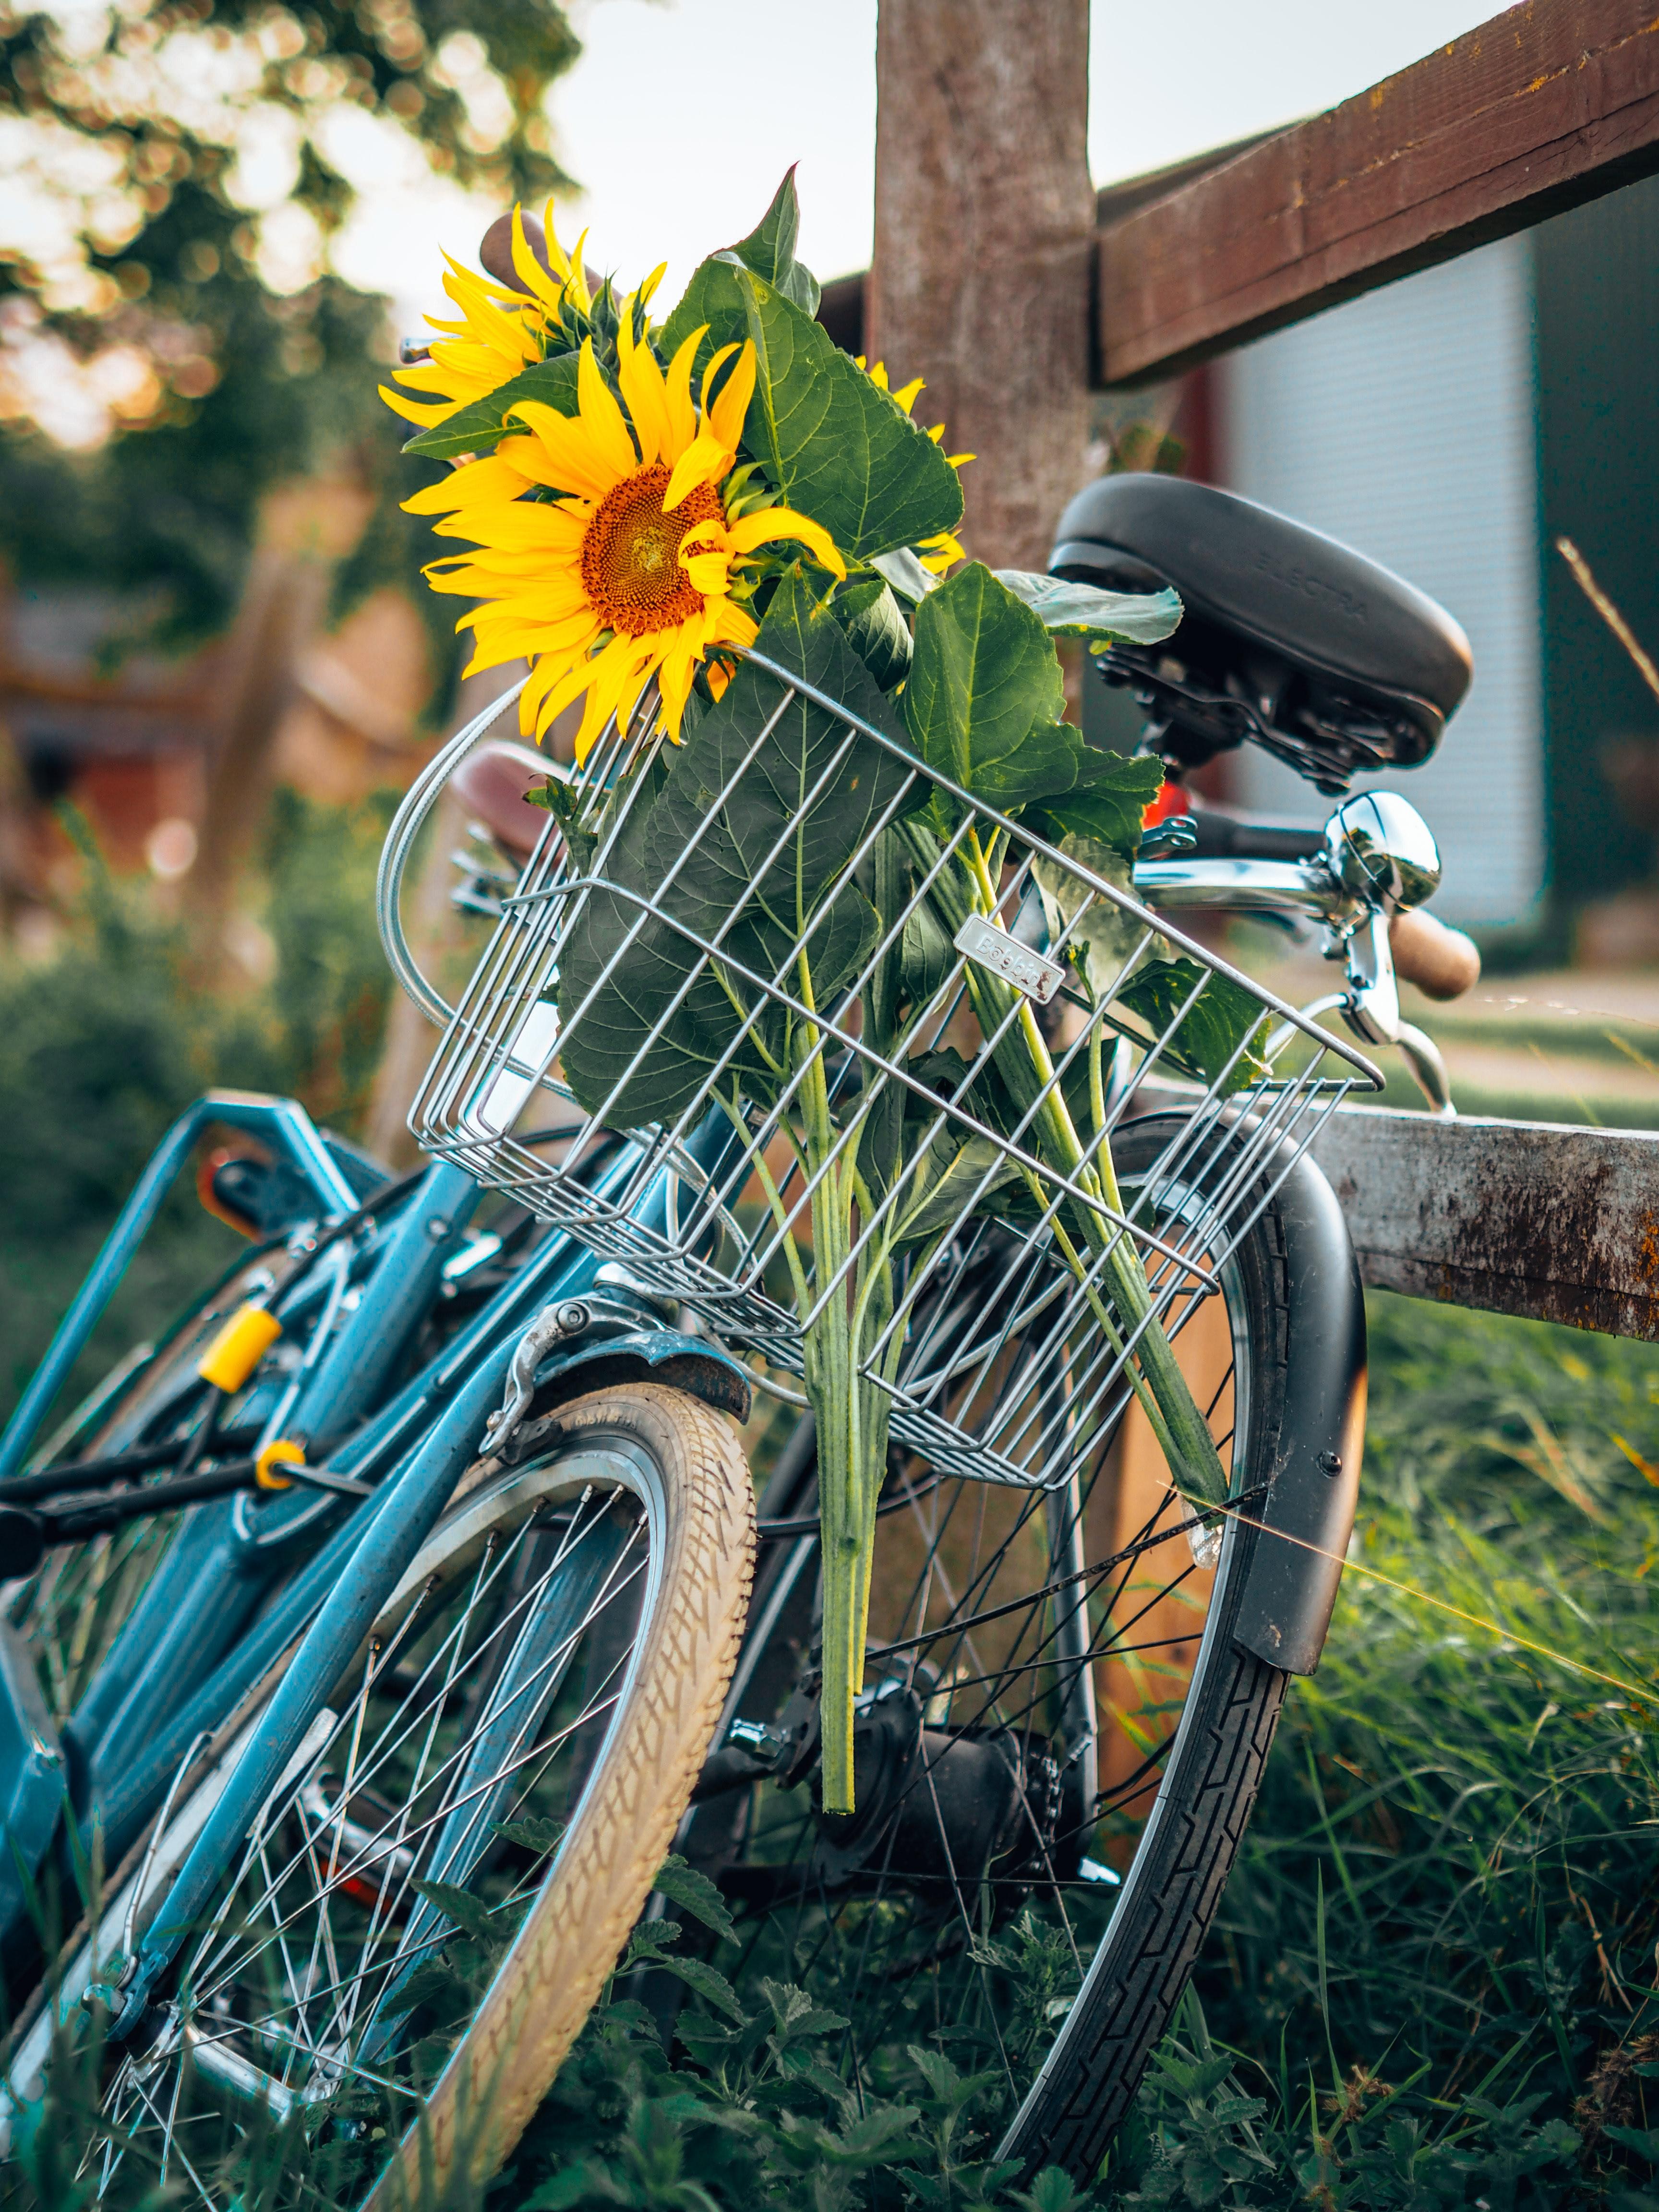 72856 Заставки и Обои Подсолнухи на телефон. Скачать Разное, Велосипед, Корзина, Цветы, Подсолнухи картинки бесплатно